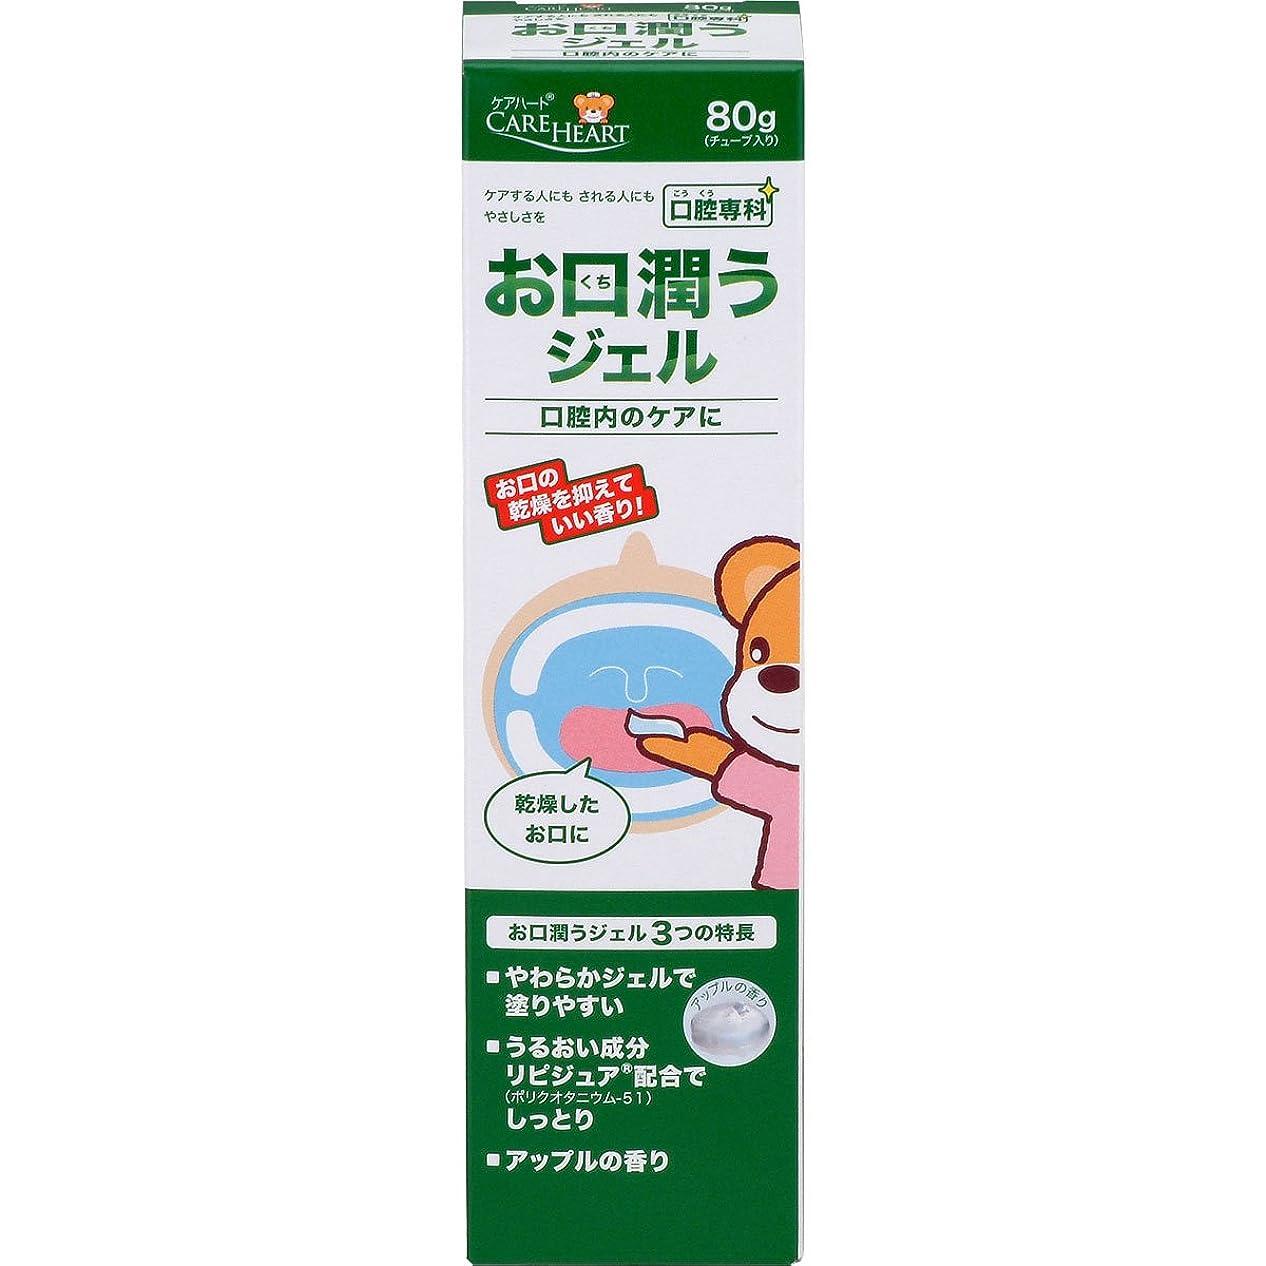 唇比類のないシルクケアハート 口腔専科 お口潤いジェル 80g